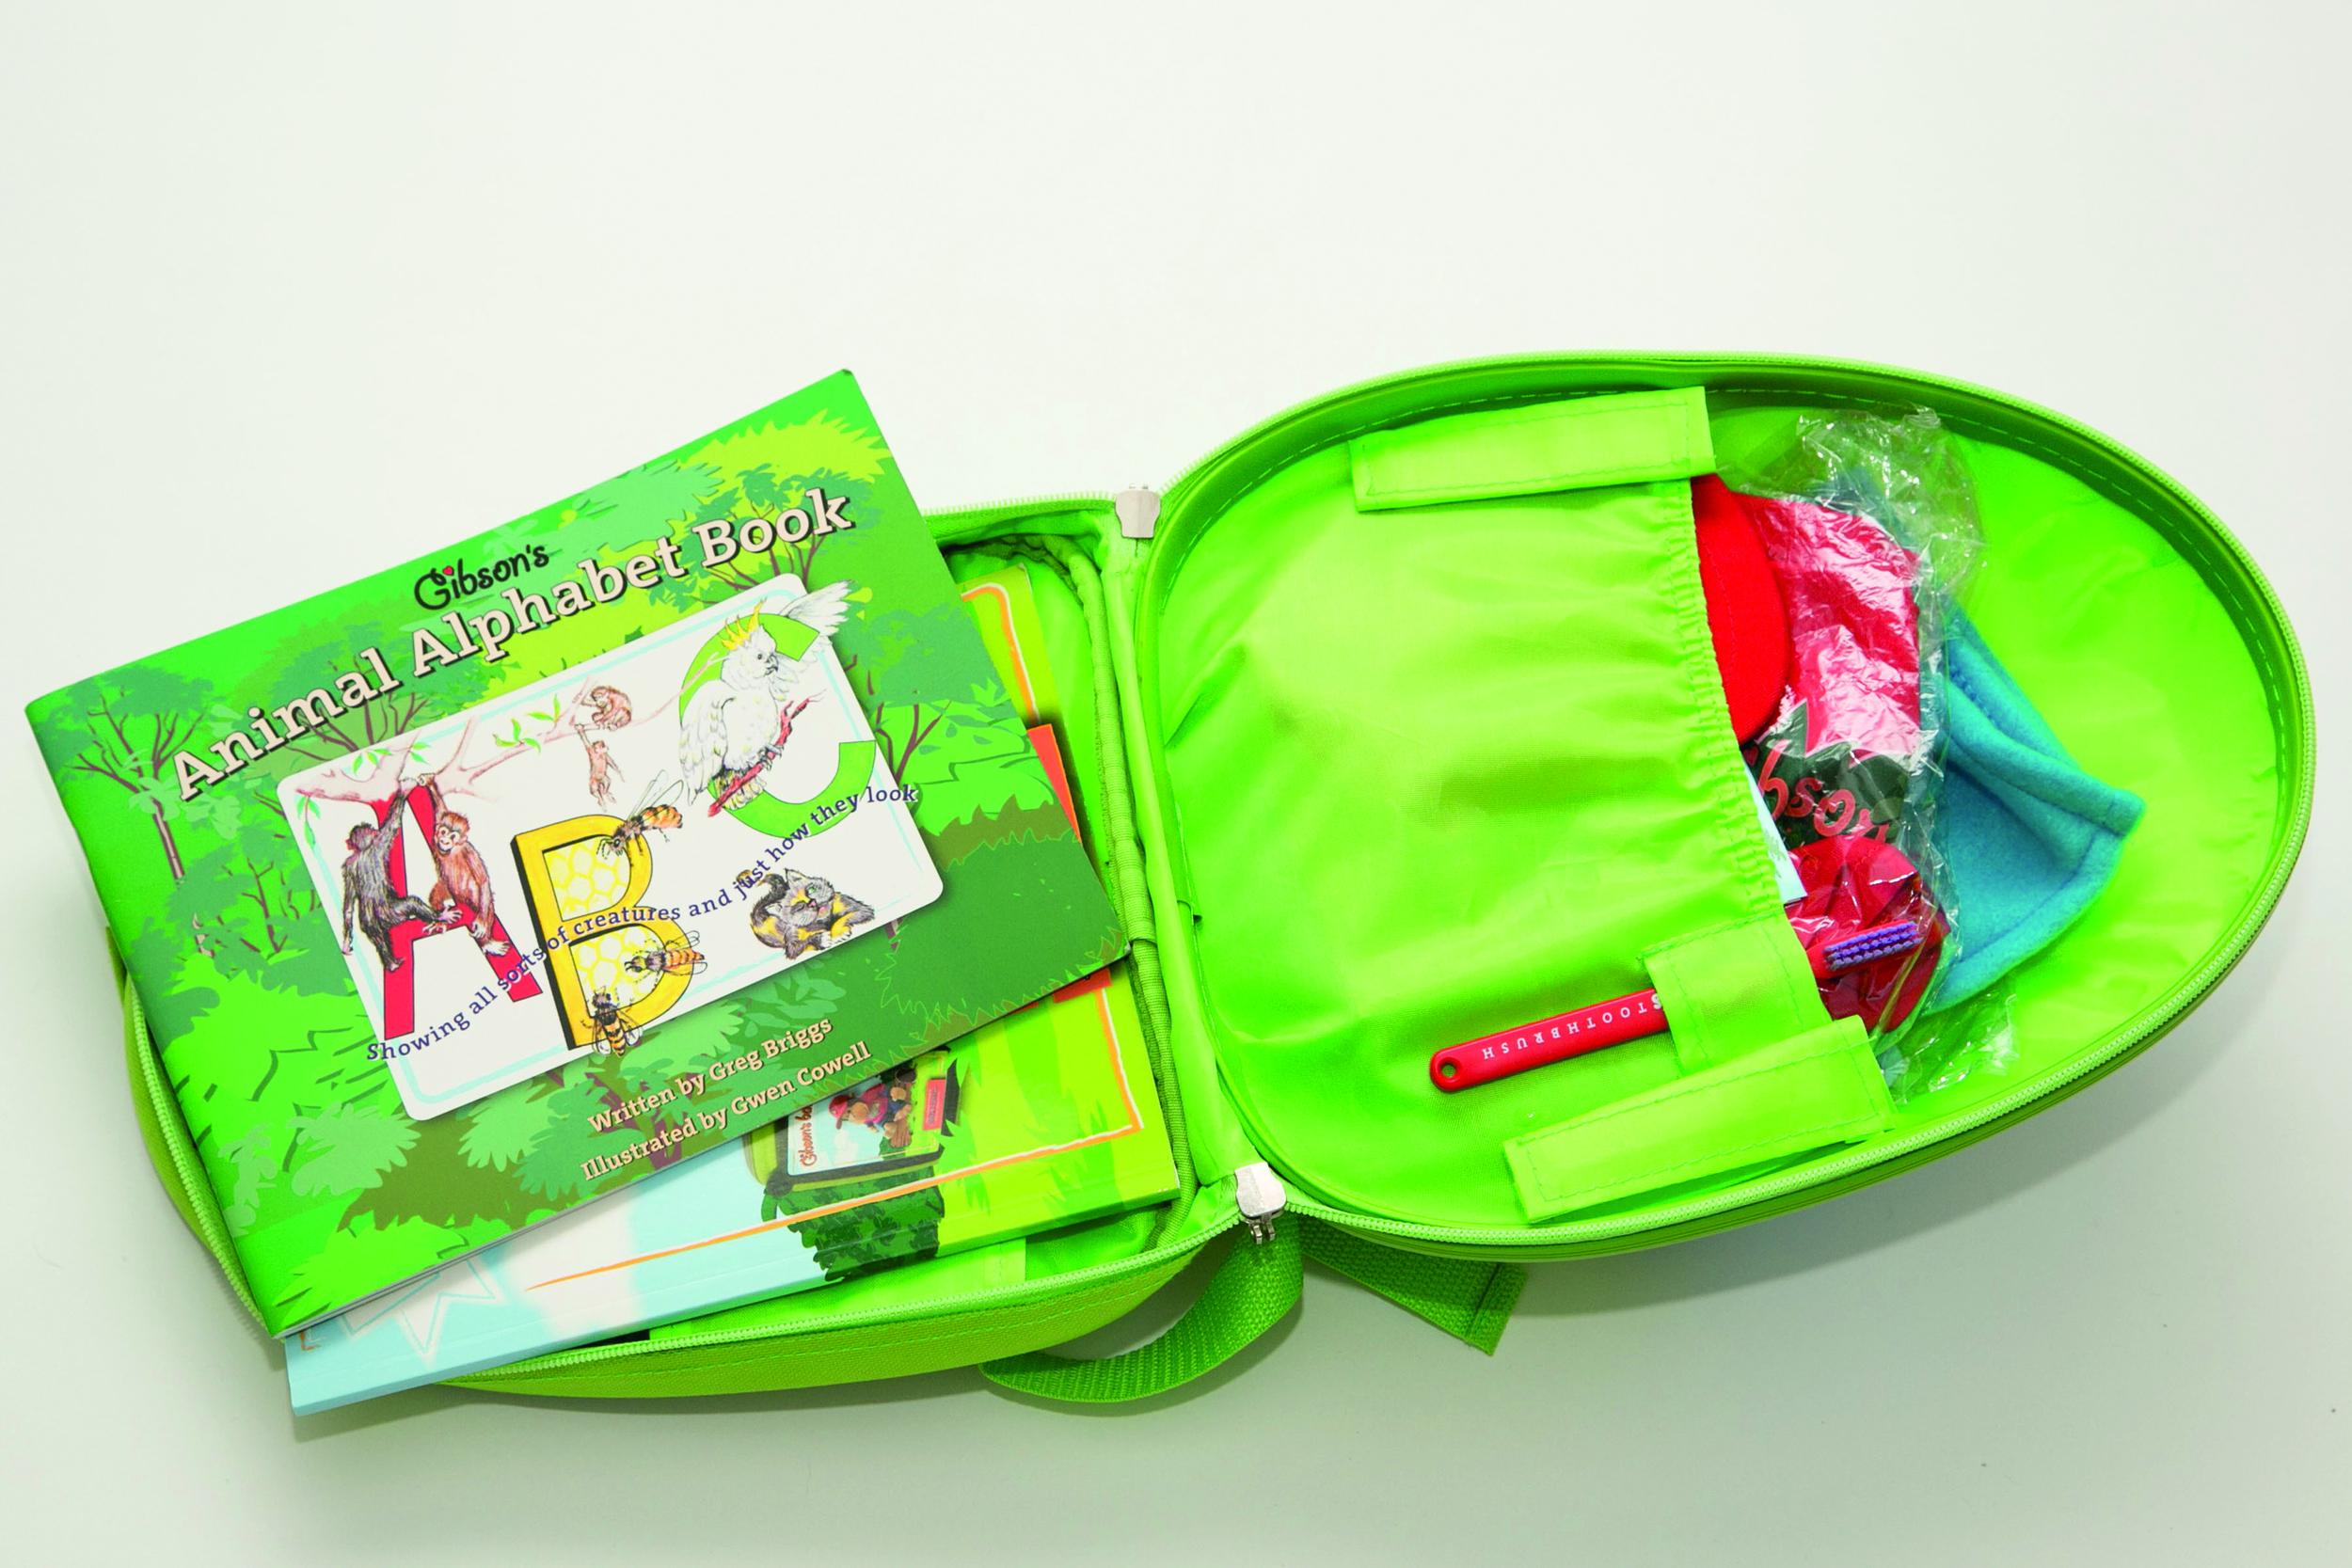 GG Backpack open.jpg